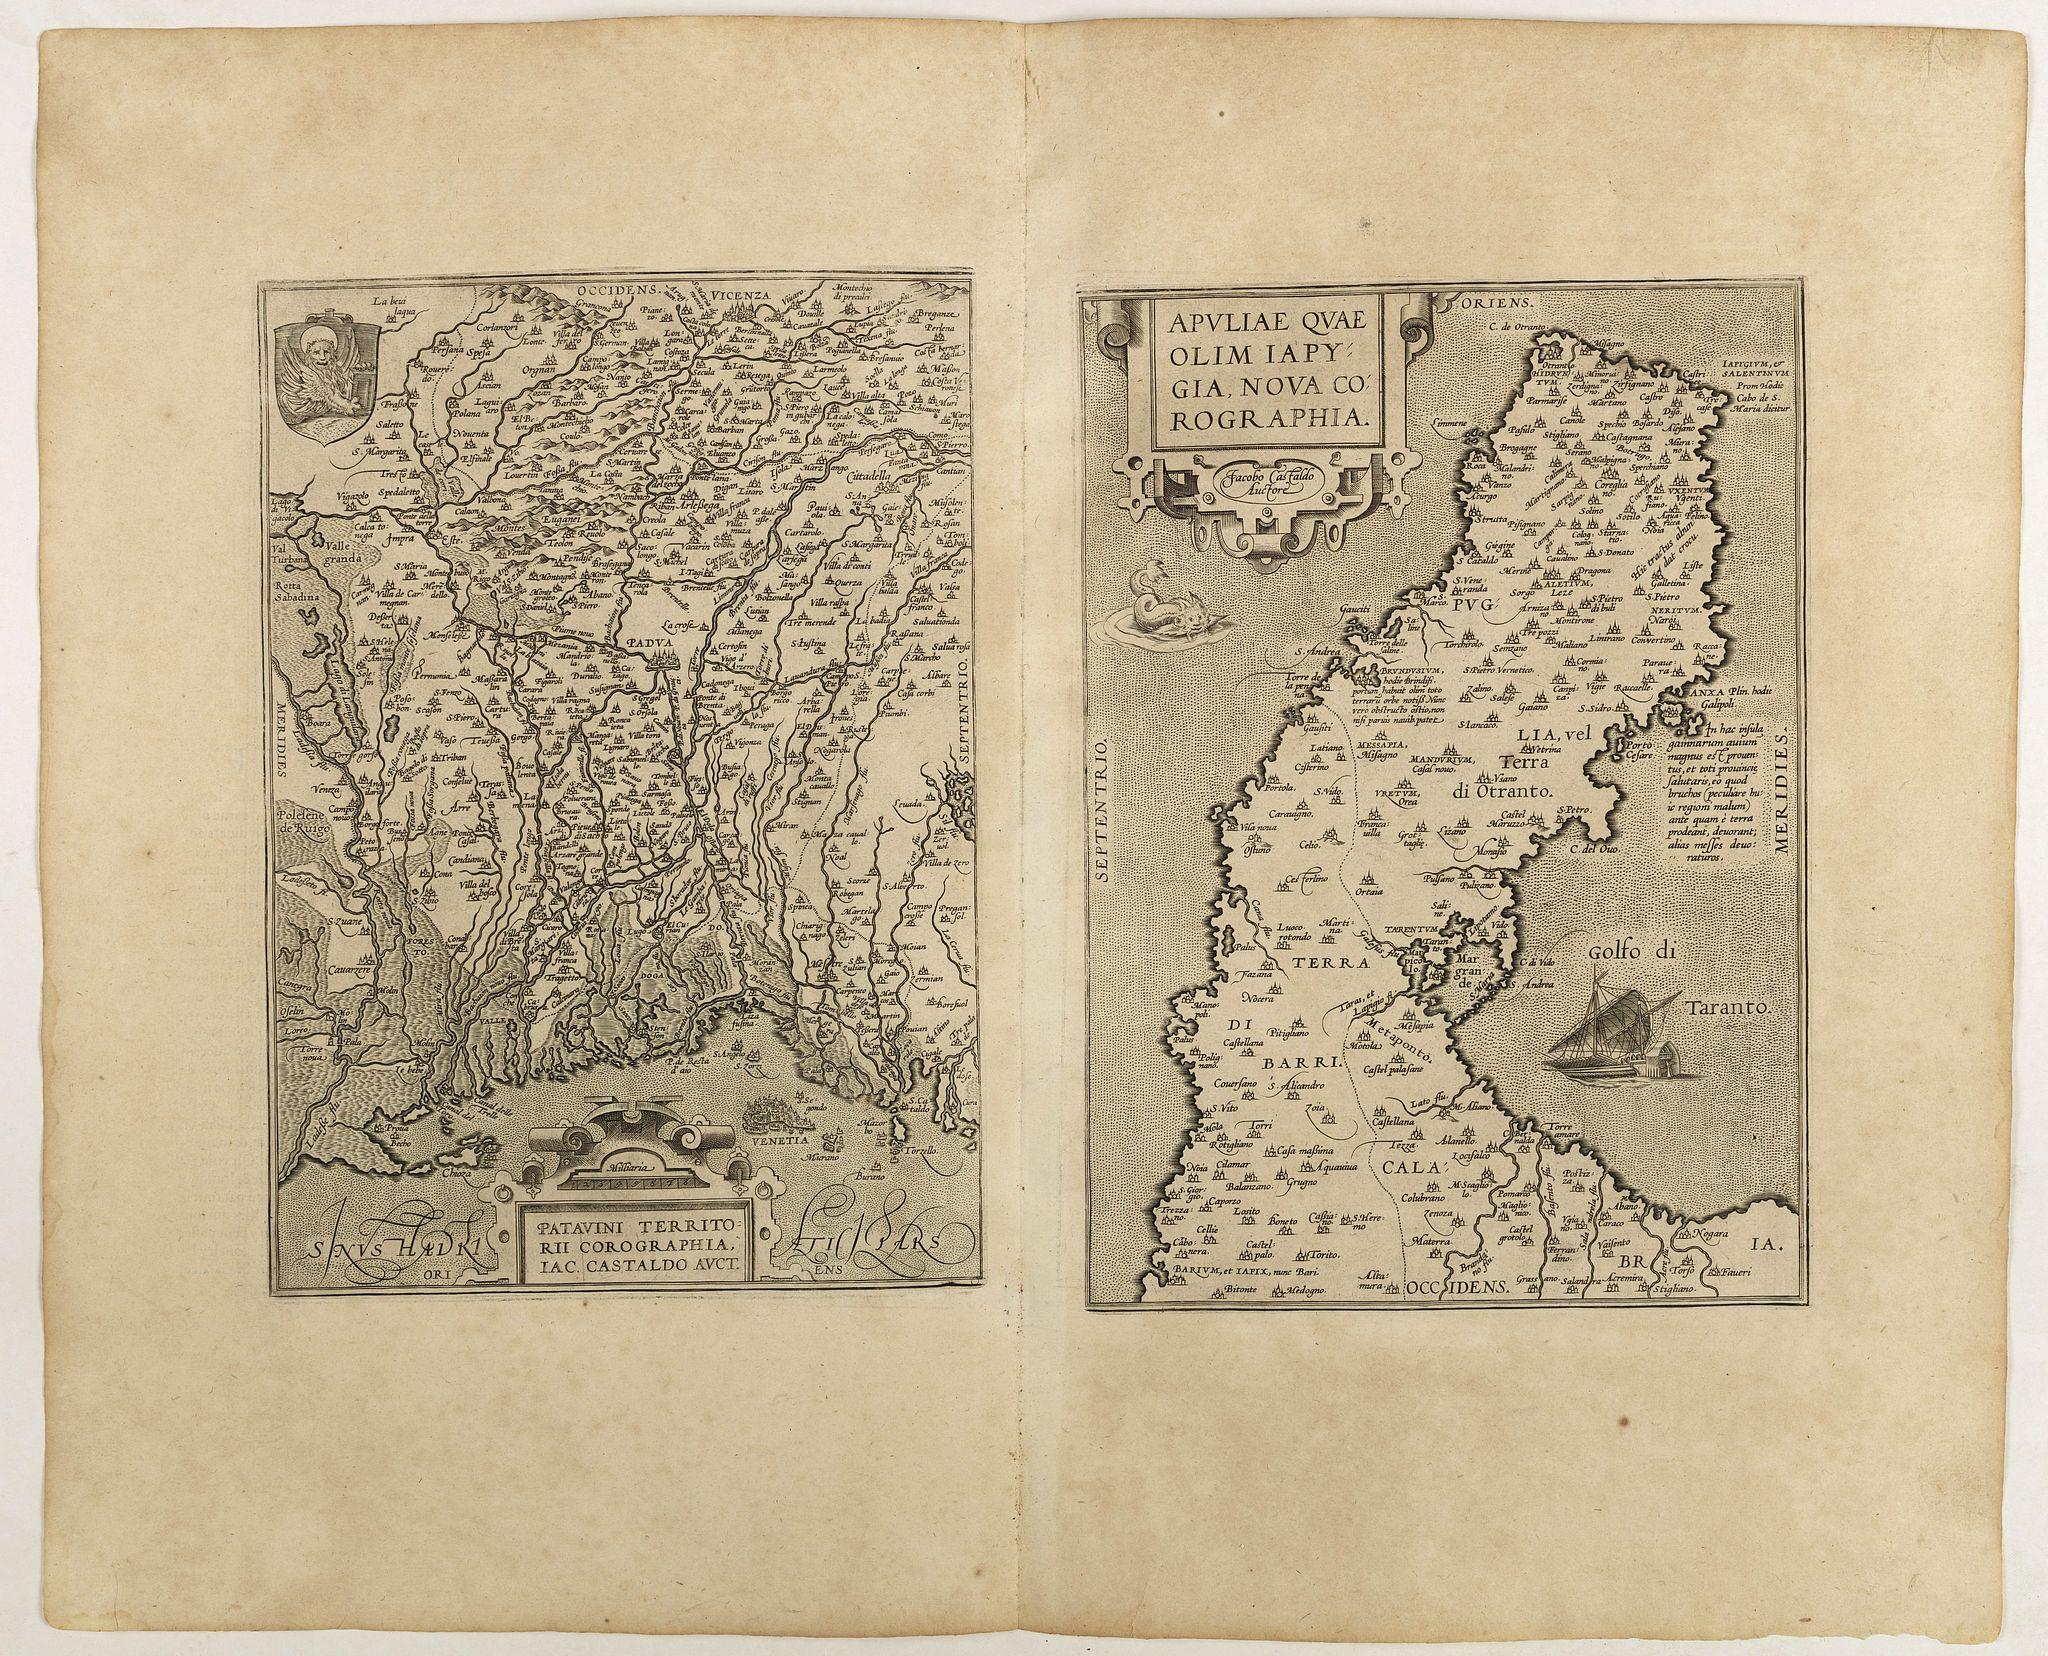 ORTELIUS, A. -  Patavini territorii../ Tarvisini agri typus.. (2 maps)